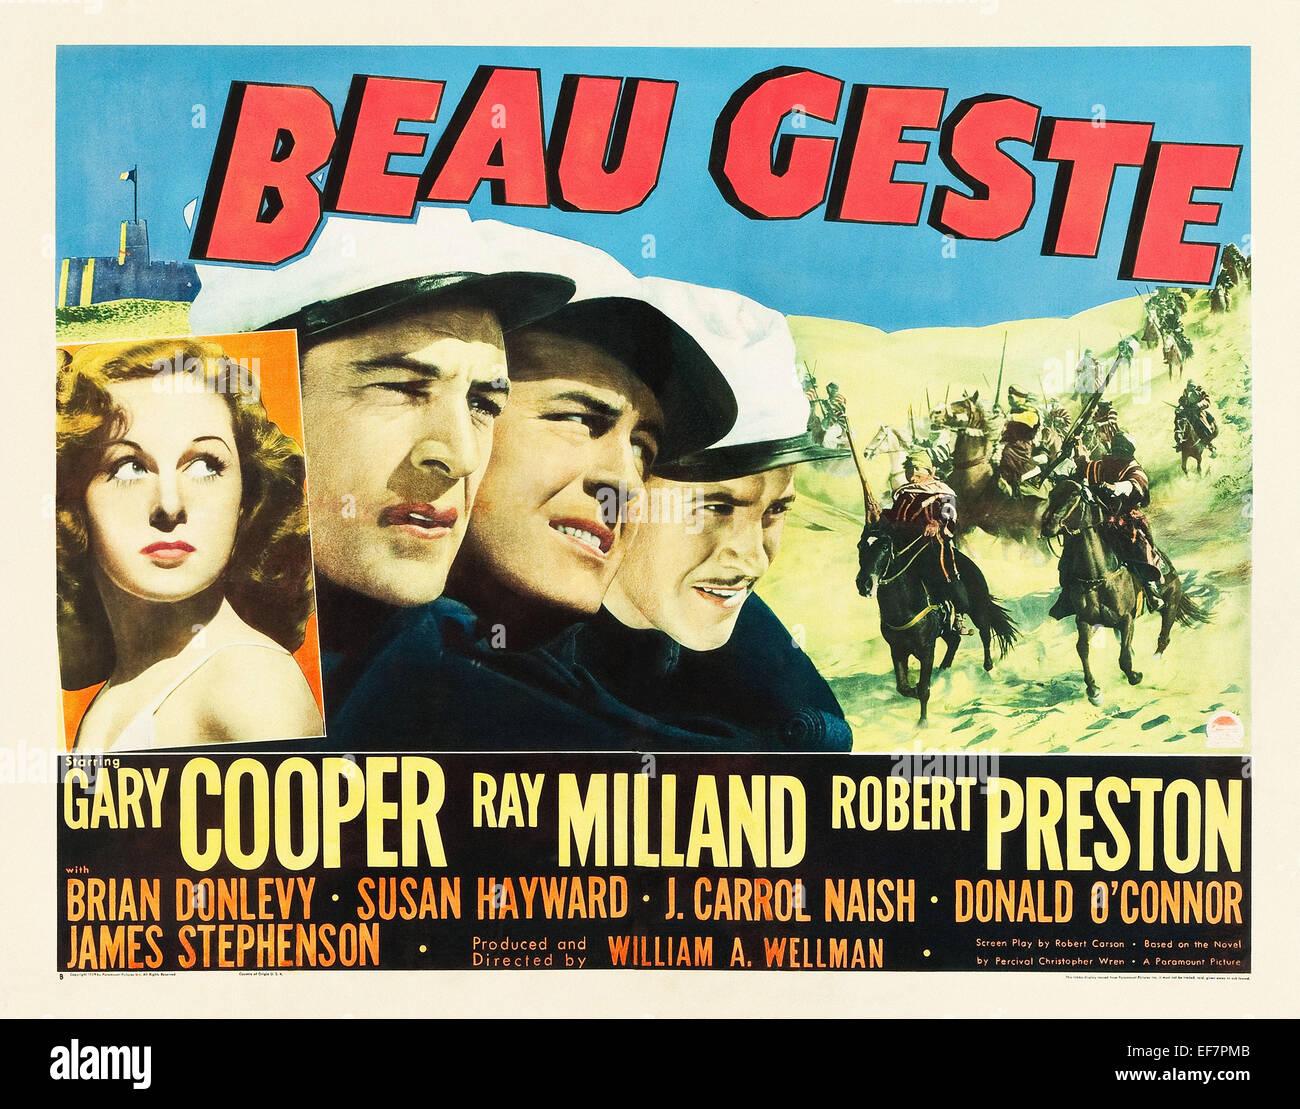 Beau Geste - Gary Copper - Filmplakat Stockbild